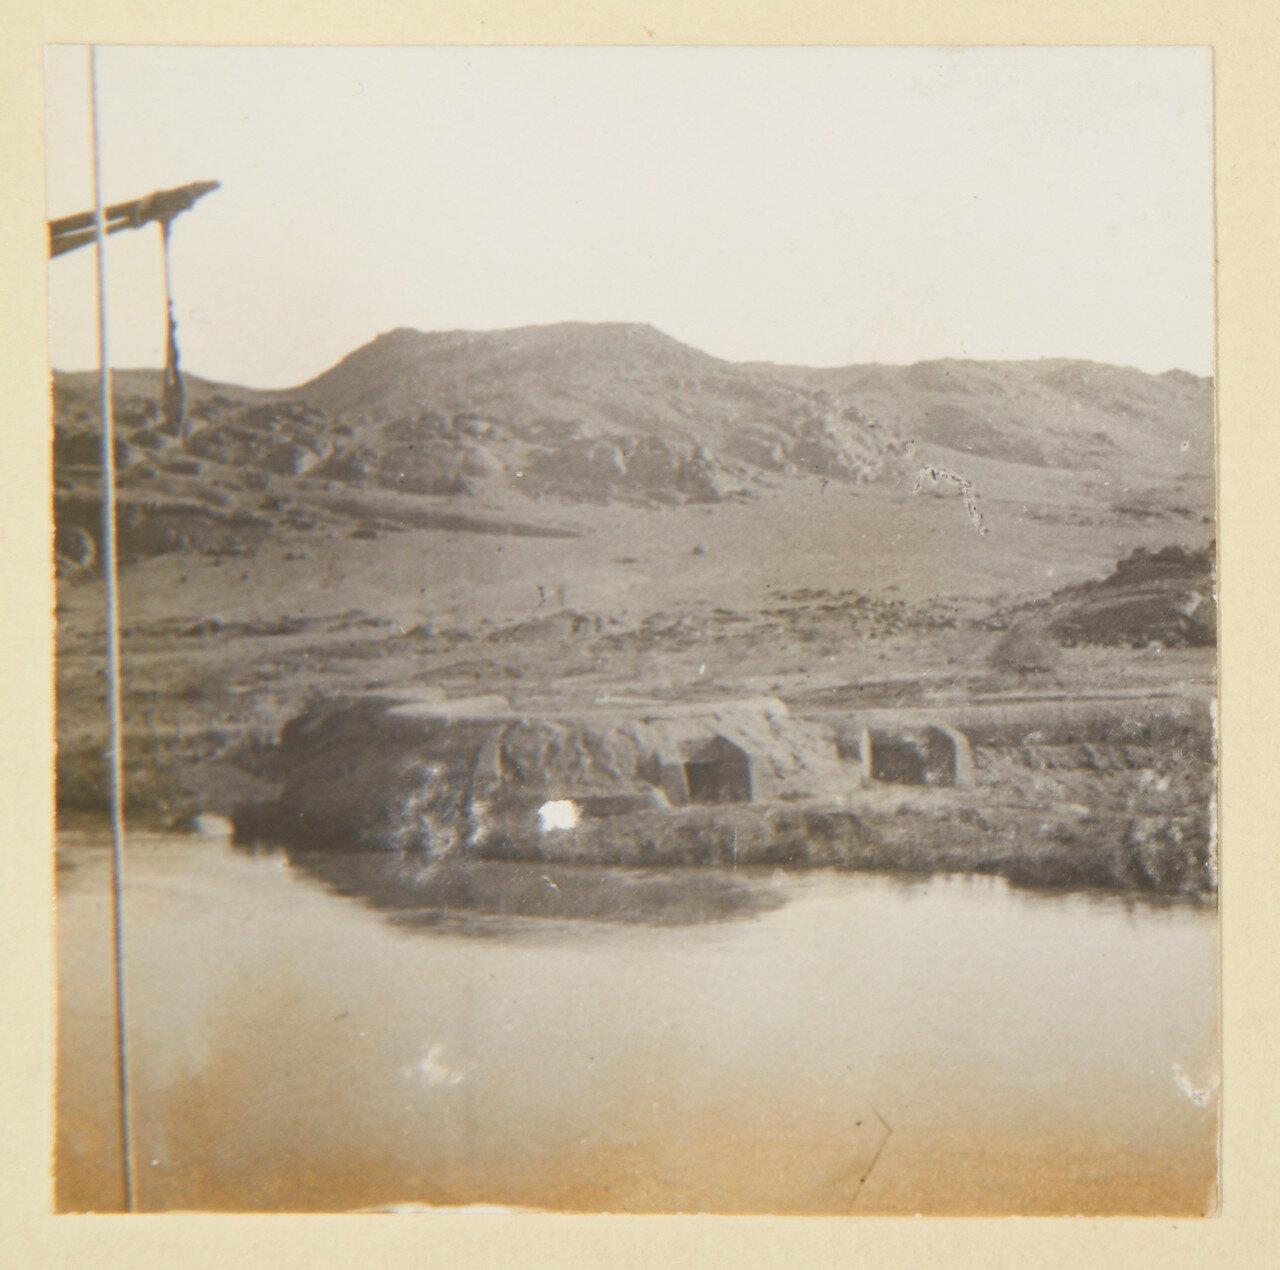 Август 1898. Форт дервишей